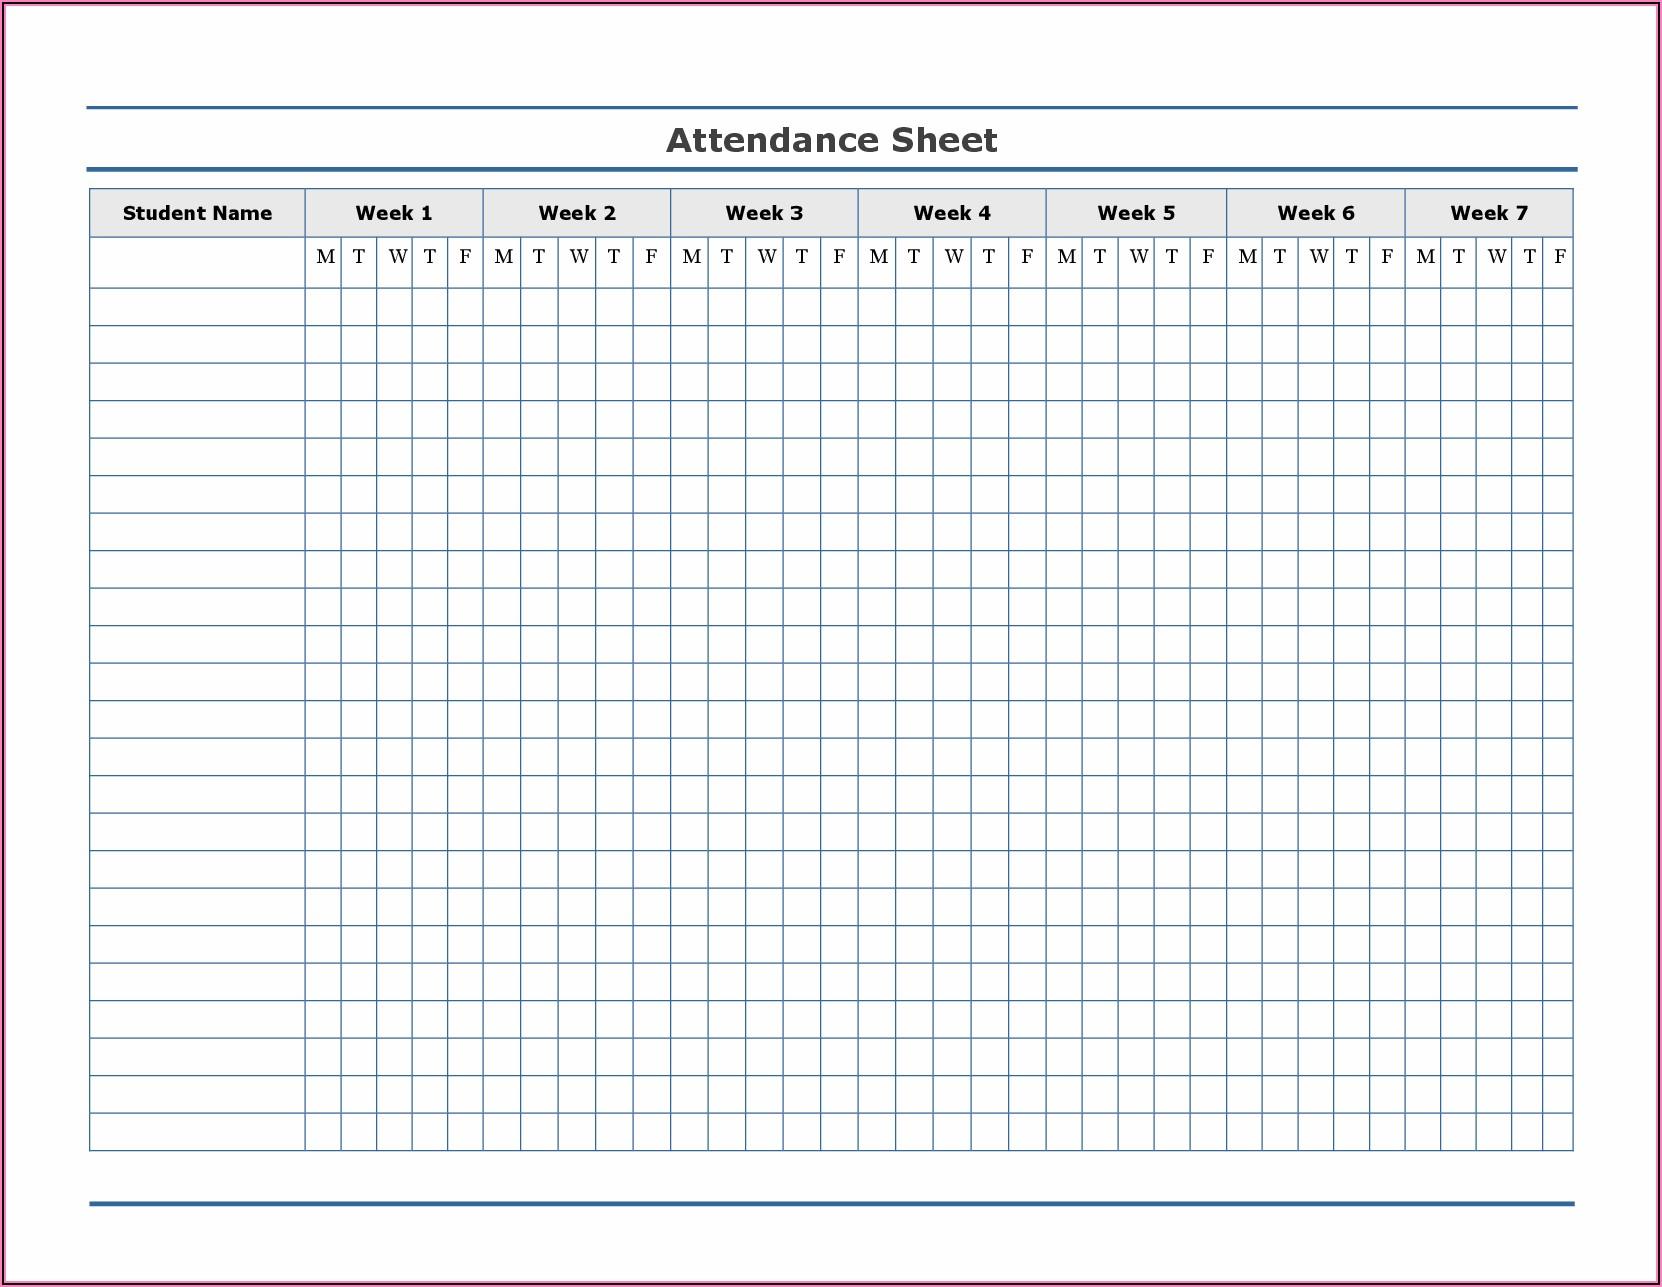 School Attendance Calendar Template